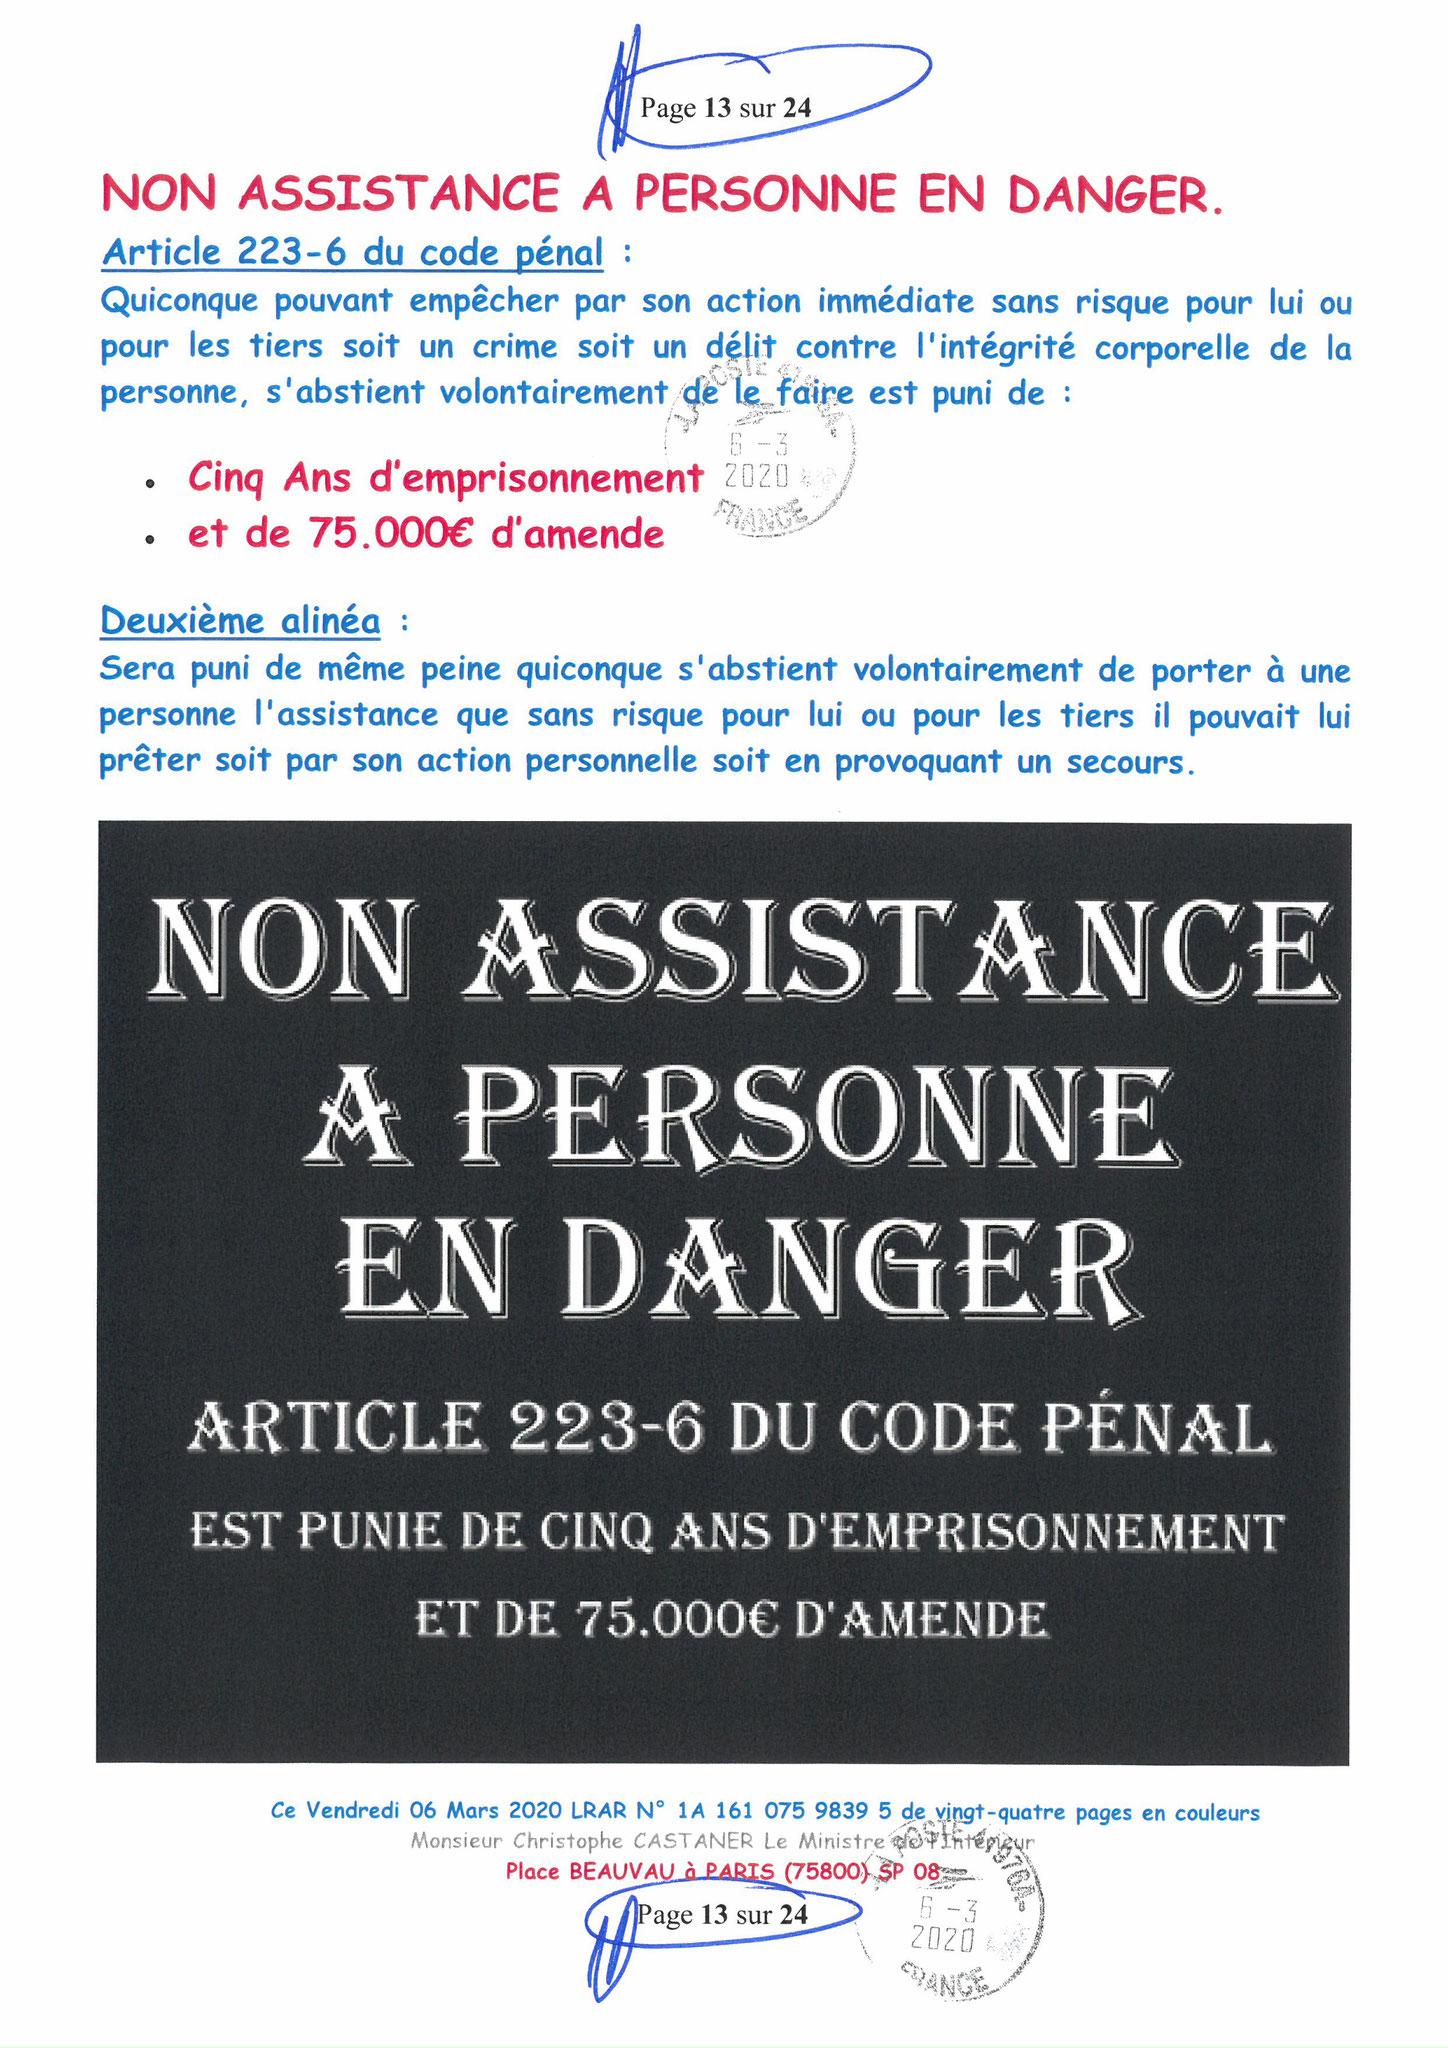 Ma LRAR à Monsieur le Ministre de l'Intérieur Christophe CASTANER N°1A 161 075 9839 5  Page 13 sur 24 en couleur du 06 Mars 2020  www.jesuispatrick.fr